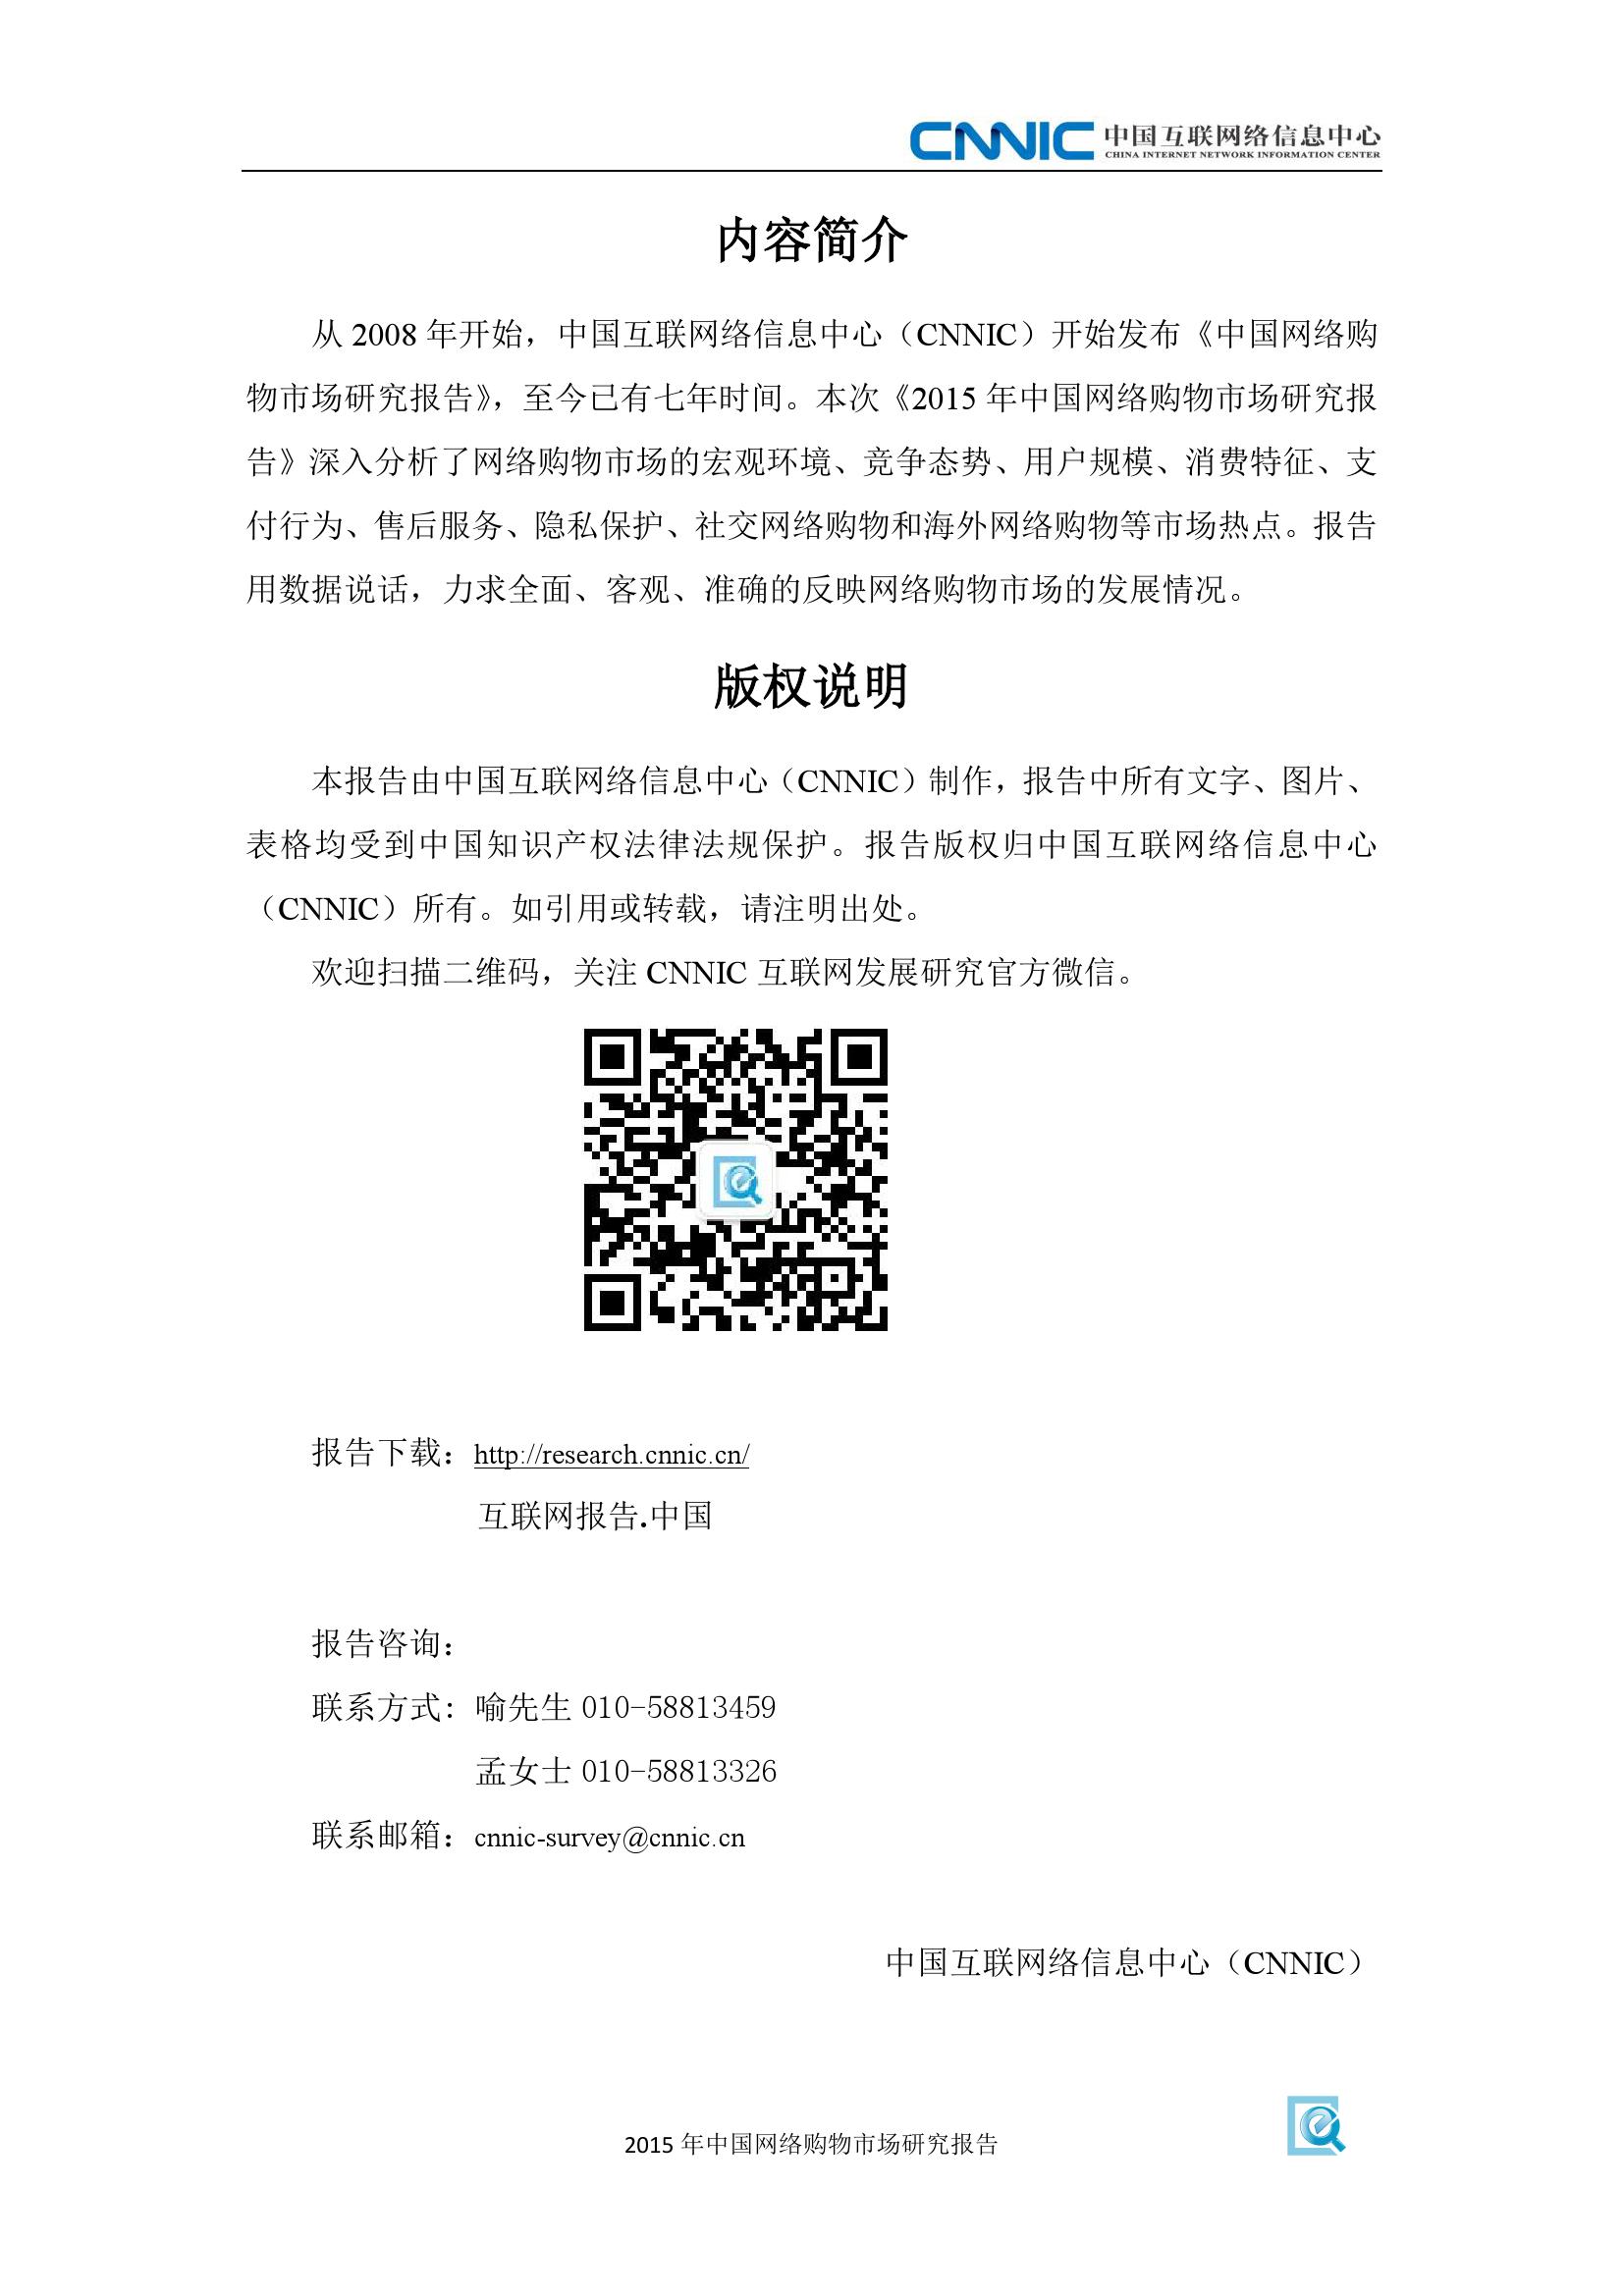 2015年中国网络购物市场研究报告_000003